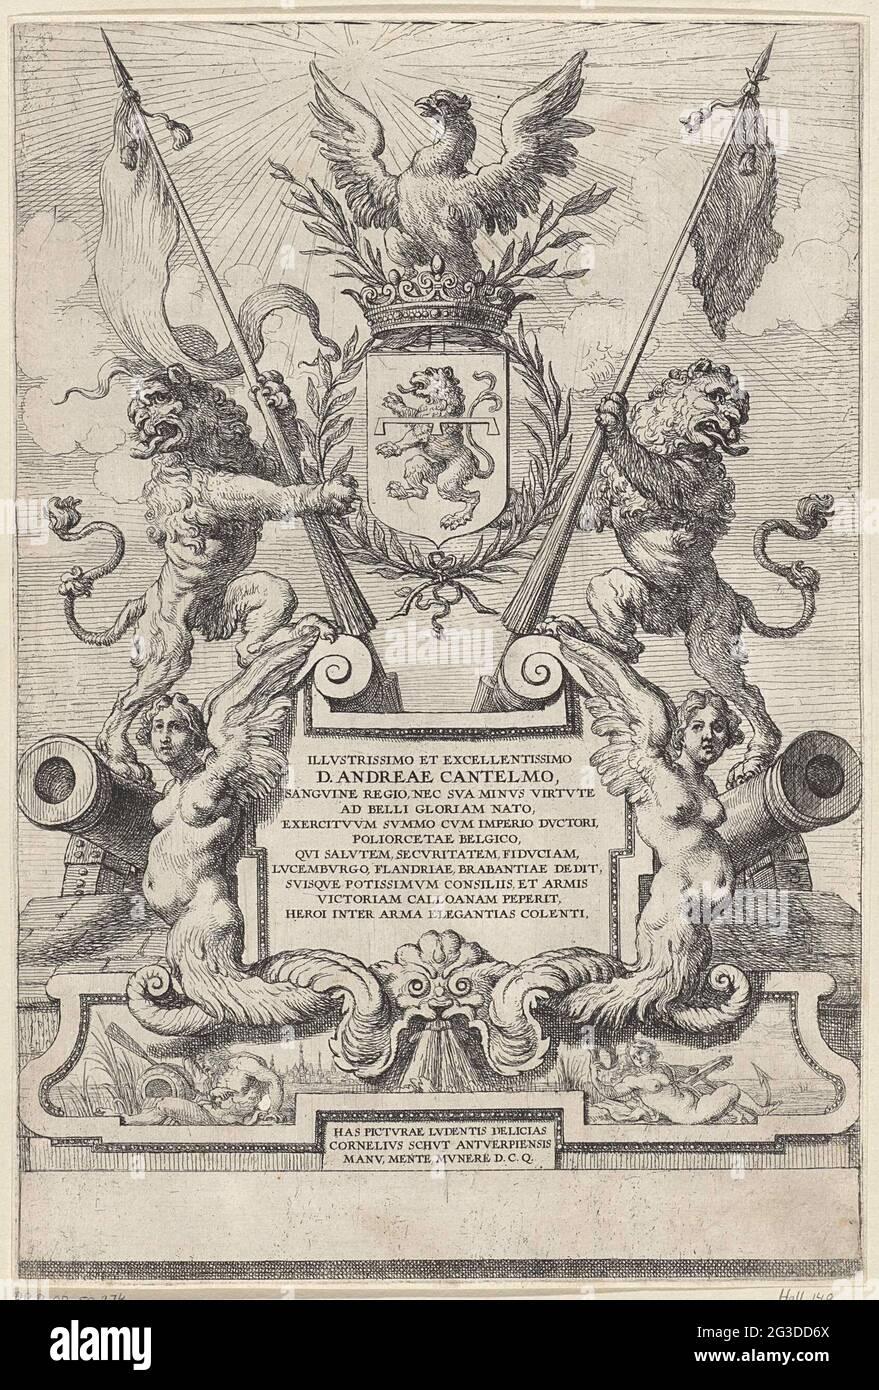 Estampado alegórico. Dos leones sostienen banderas y el escudo de la familia del Geldhord italiano Don Andrea Cantelmo. Un águila está en la parte superior del arma coronada. La misión, en un cartouche, está flanqueada por dos arpies y armas. En un cartouche por un dios río y una ninfa con la ciudad de Amberes en el fondo. Foto de stock